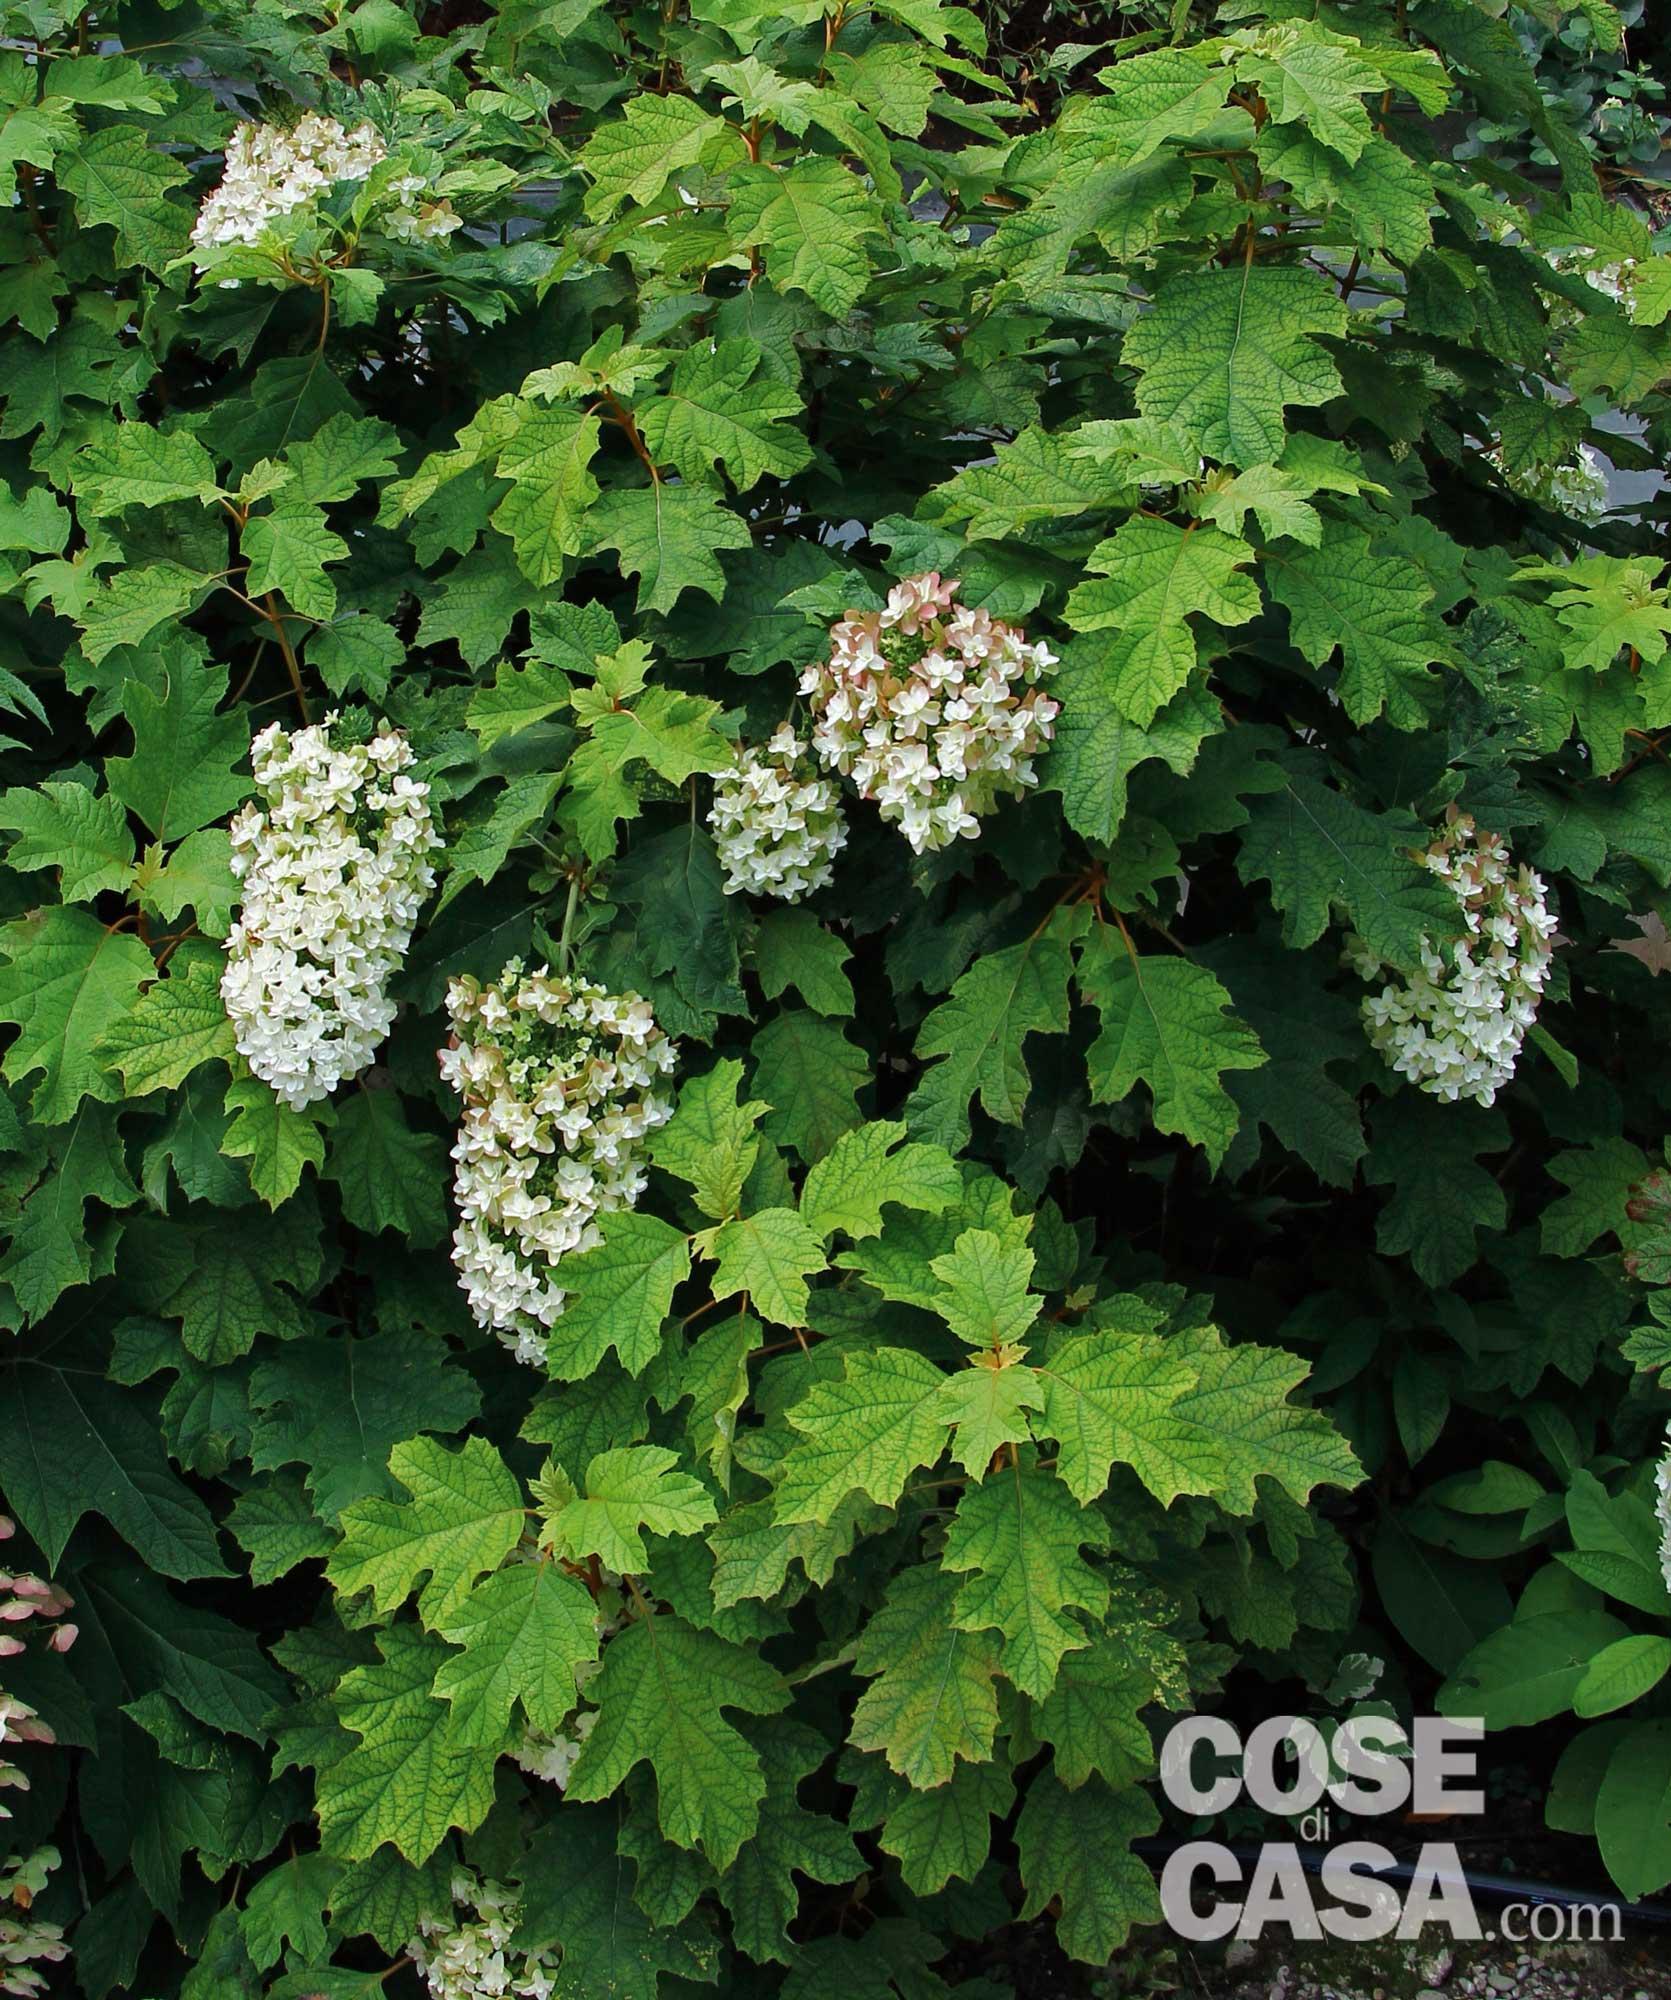 Piante Da Siepi Immagini la siepe fiorita tutto l'anno - cose di casa